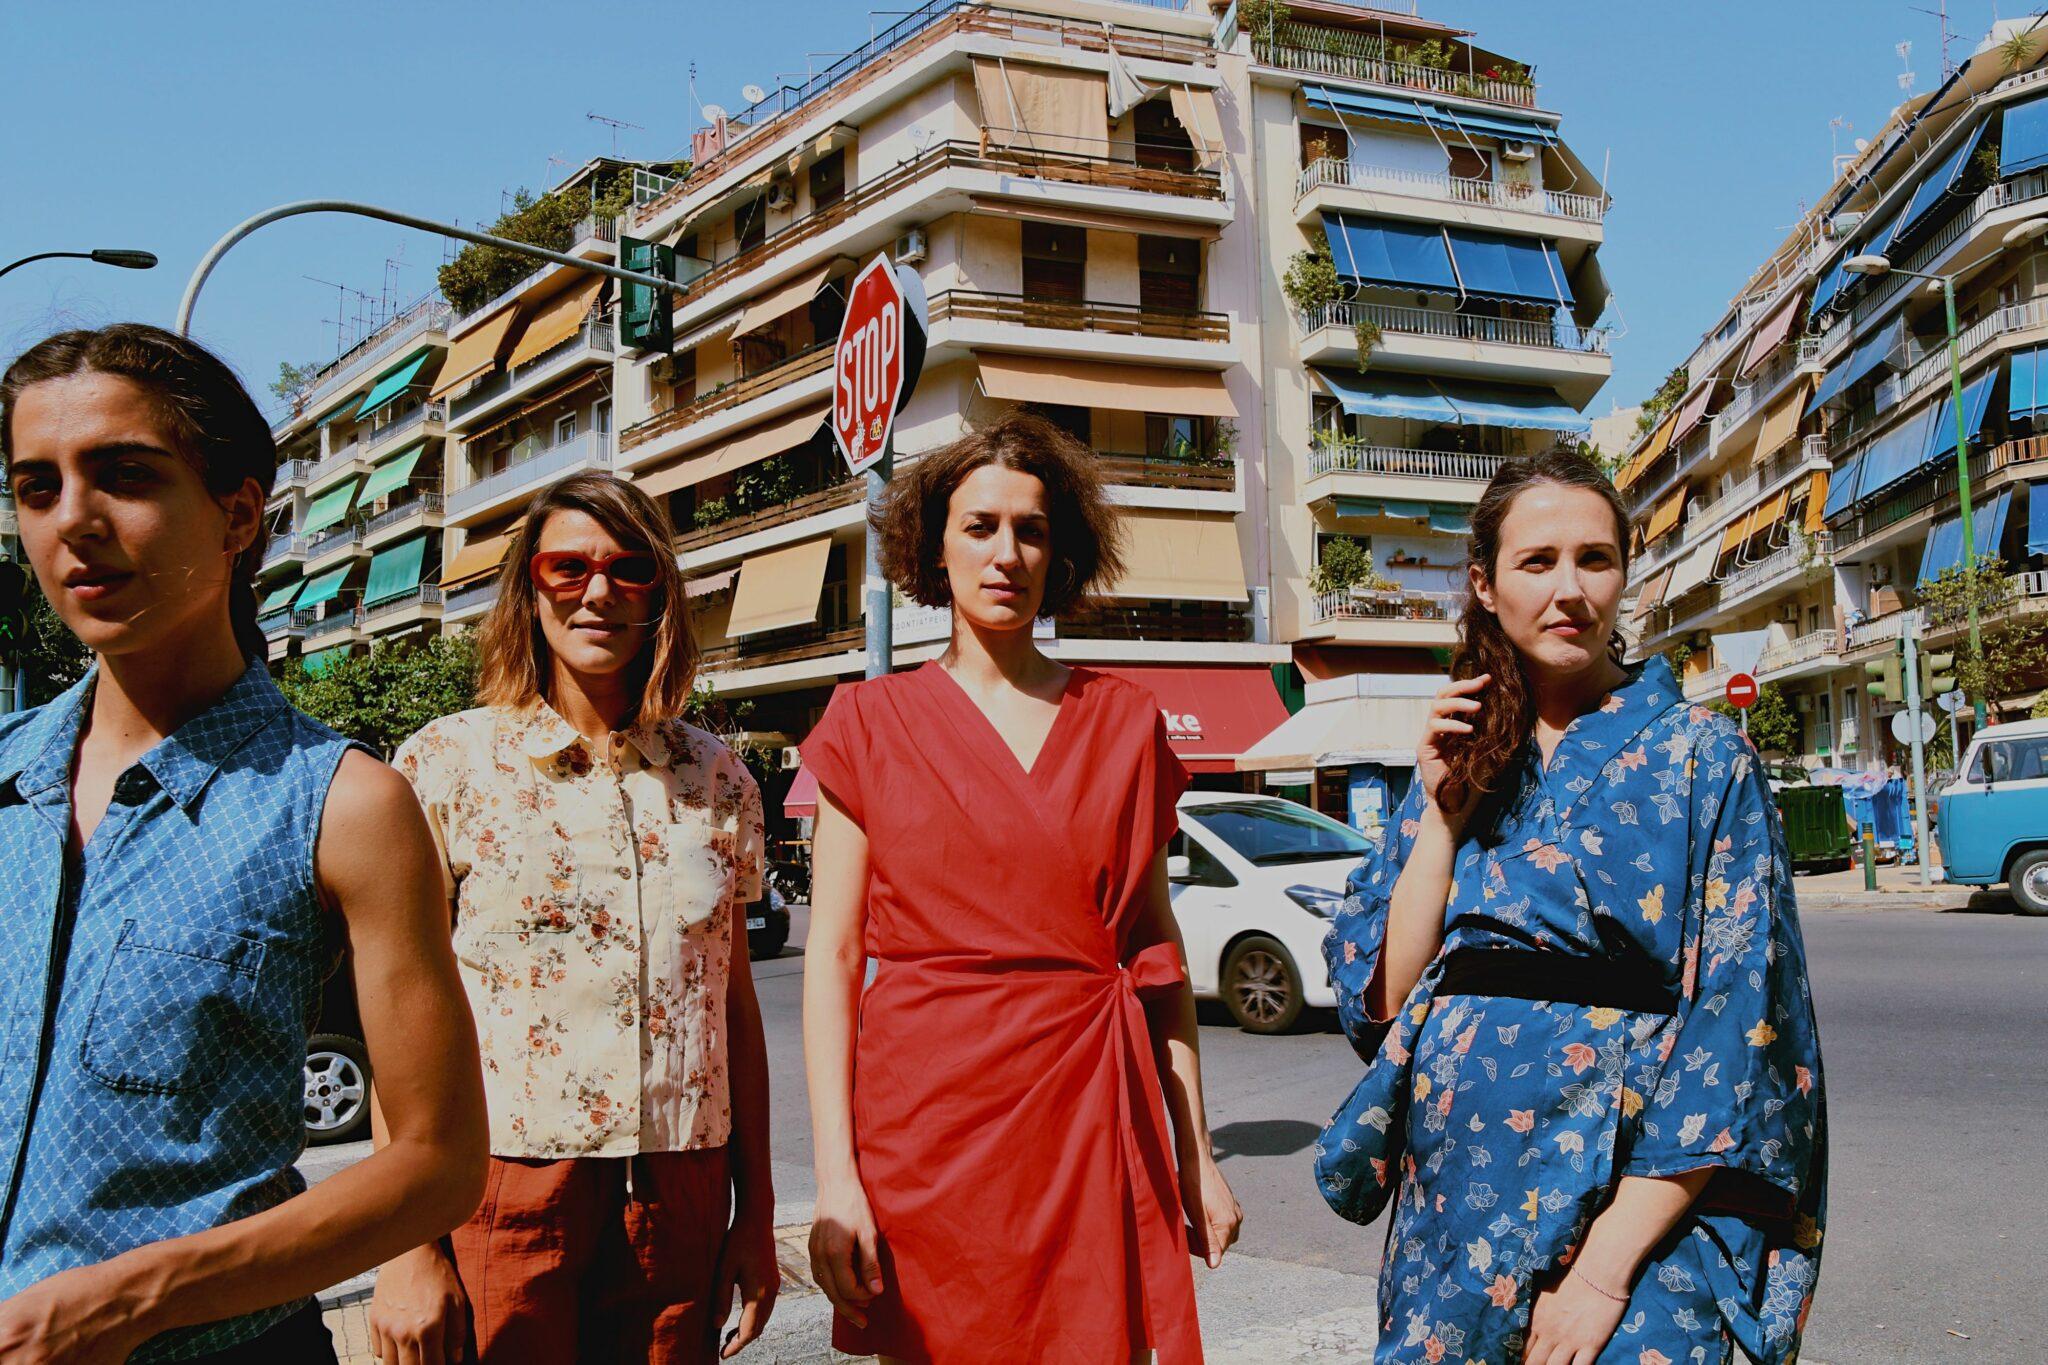 Τέσσερις γυναίκες σε αστικό τοπίο της Αθήνας ποζάρουν για το δελτίο τύπου. Οι γυναίκες είναι οι ηθοποιοί της παράστασης και η μία (Κωνσταντίνα Βούλγαρη) είναι η σκηνοθέτις.«Κάτω από την άσφαλτο υπάρχει παραλία» της Κωνσταντίνας Βούλγαρη